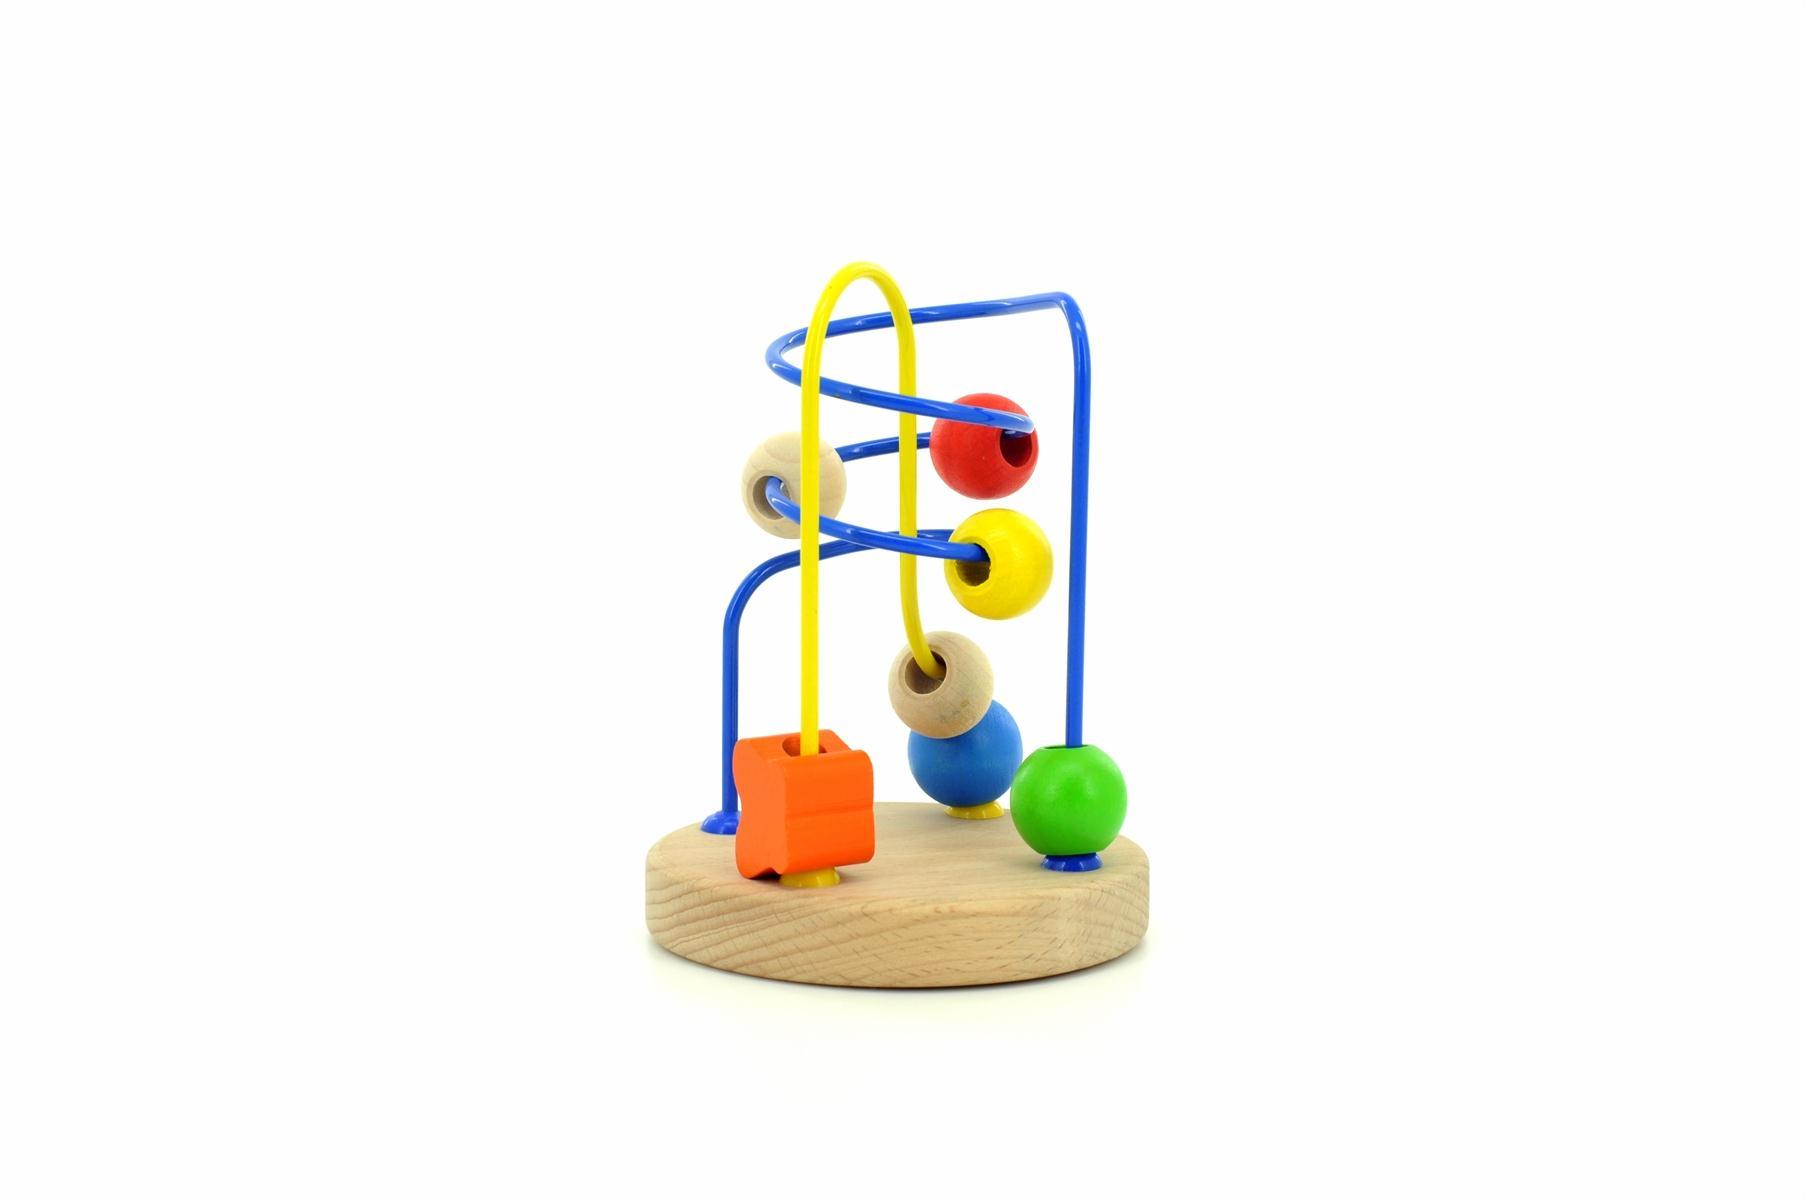 Купить Лабиринт № 5, Развивающая игрушка МДИ Лабиринт № 5, Мир Деревянных Игрушек, Развивающие игрушки